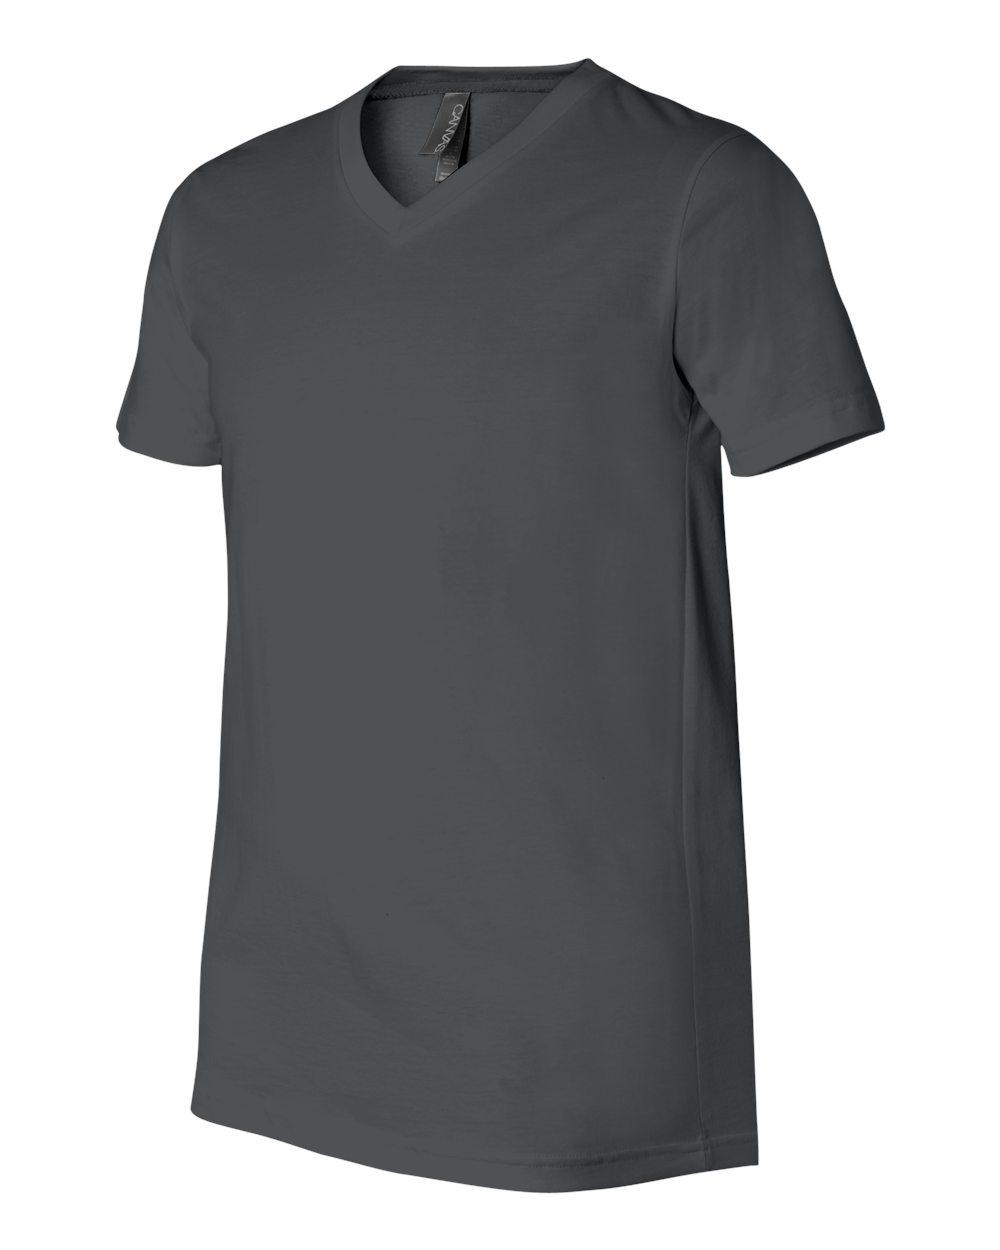 Bella-Canvas-Men-039-s-Jersey-Short-Sleeve-V-Neck-T-Shirt-3005-XS-3XL thumbnail 24